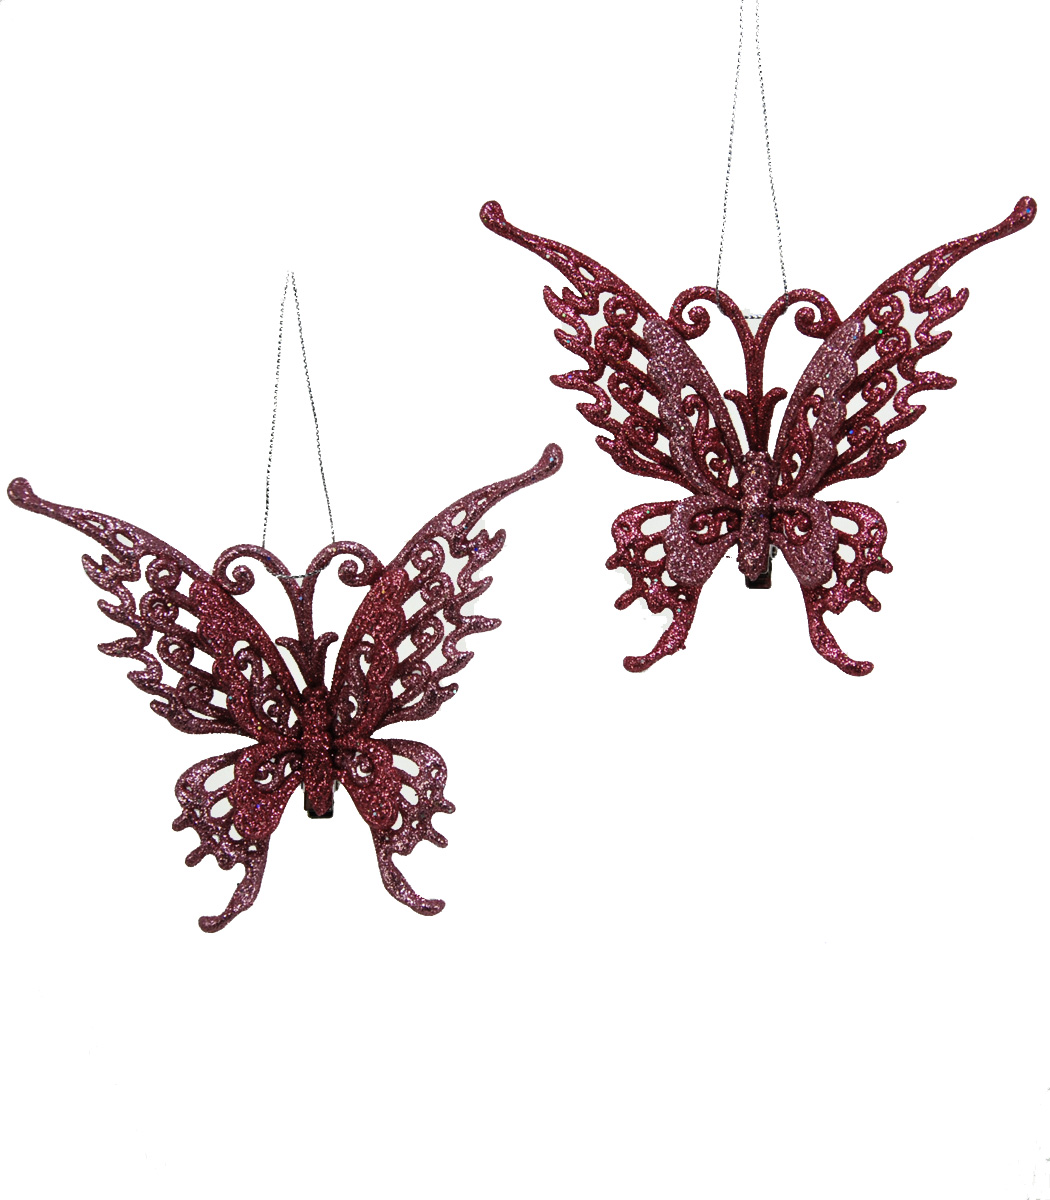 Glitter Butterfly Clip - Assortment Of 2  09-595922